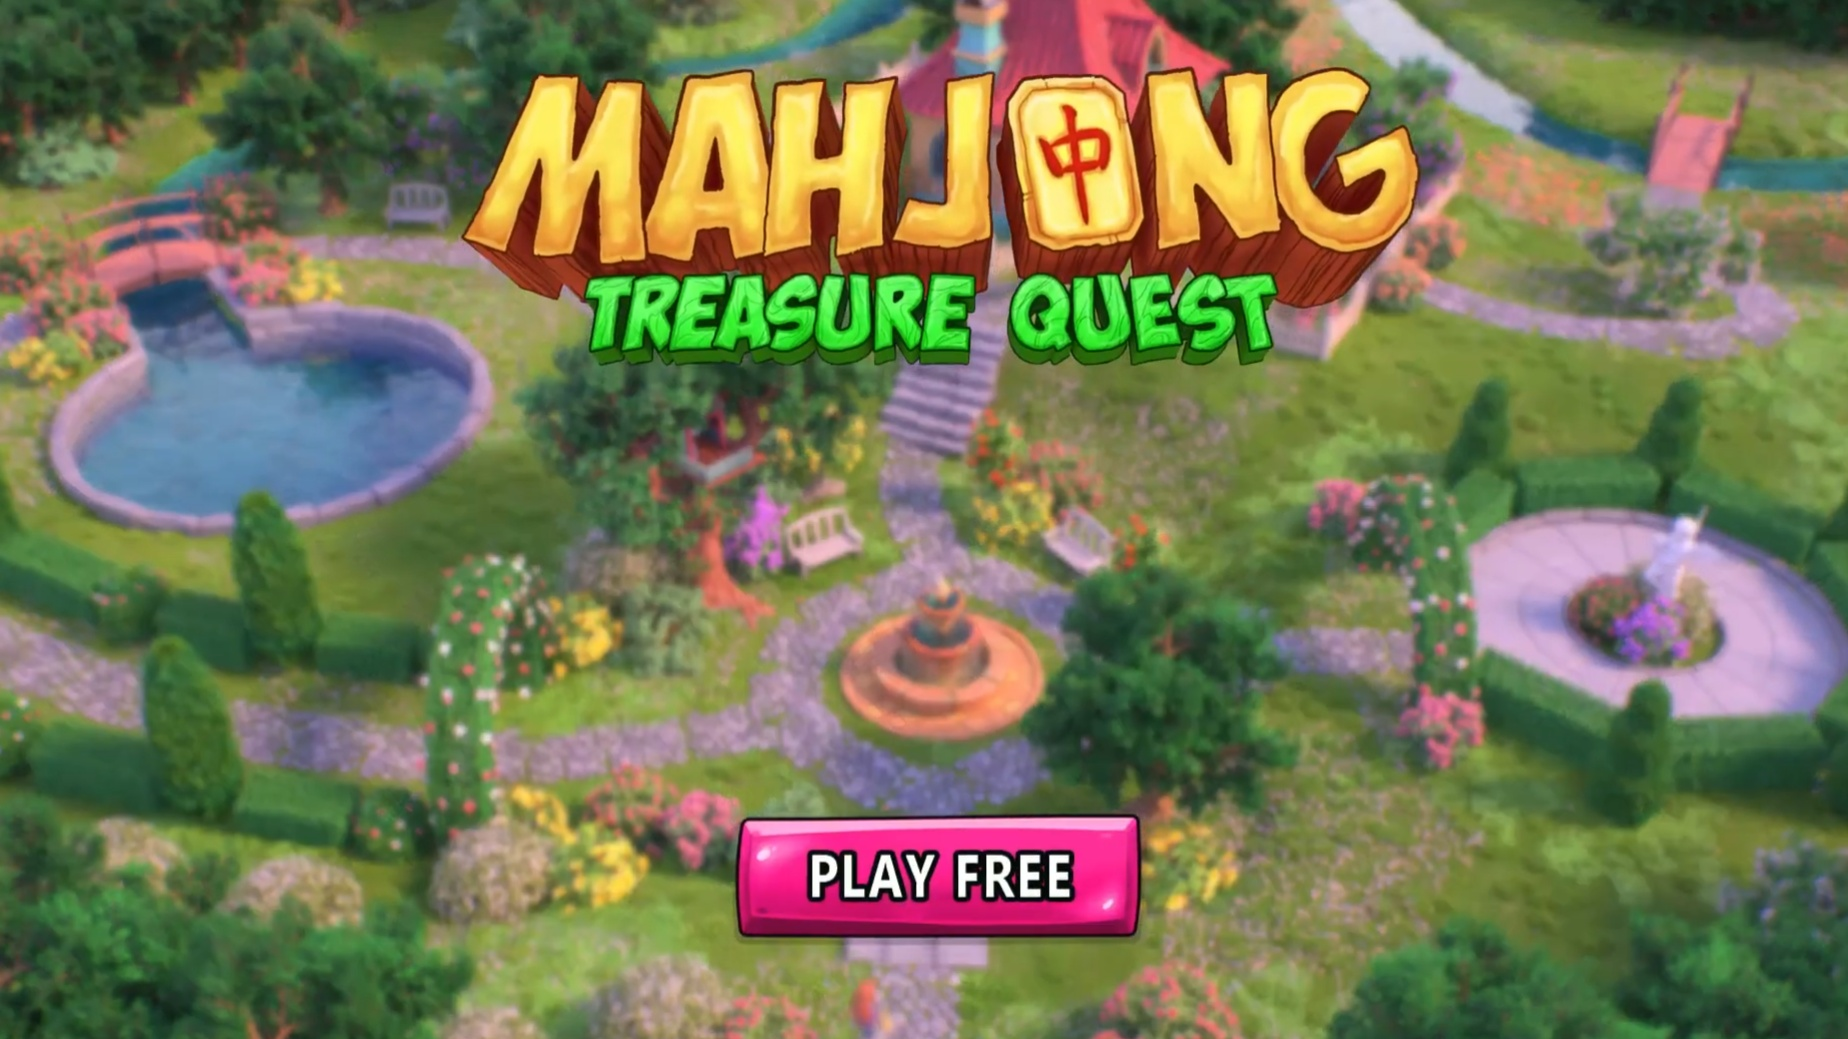 Mahjong Treasure Quest MOD APK